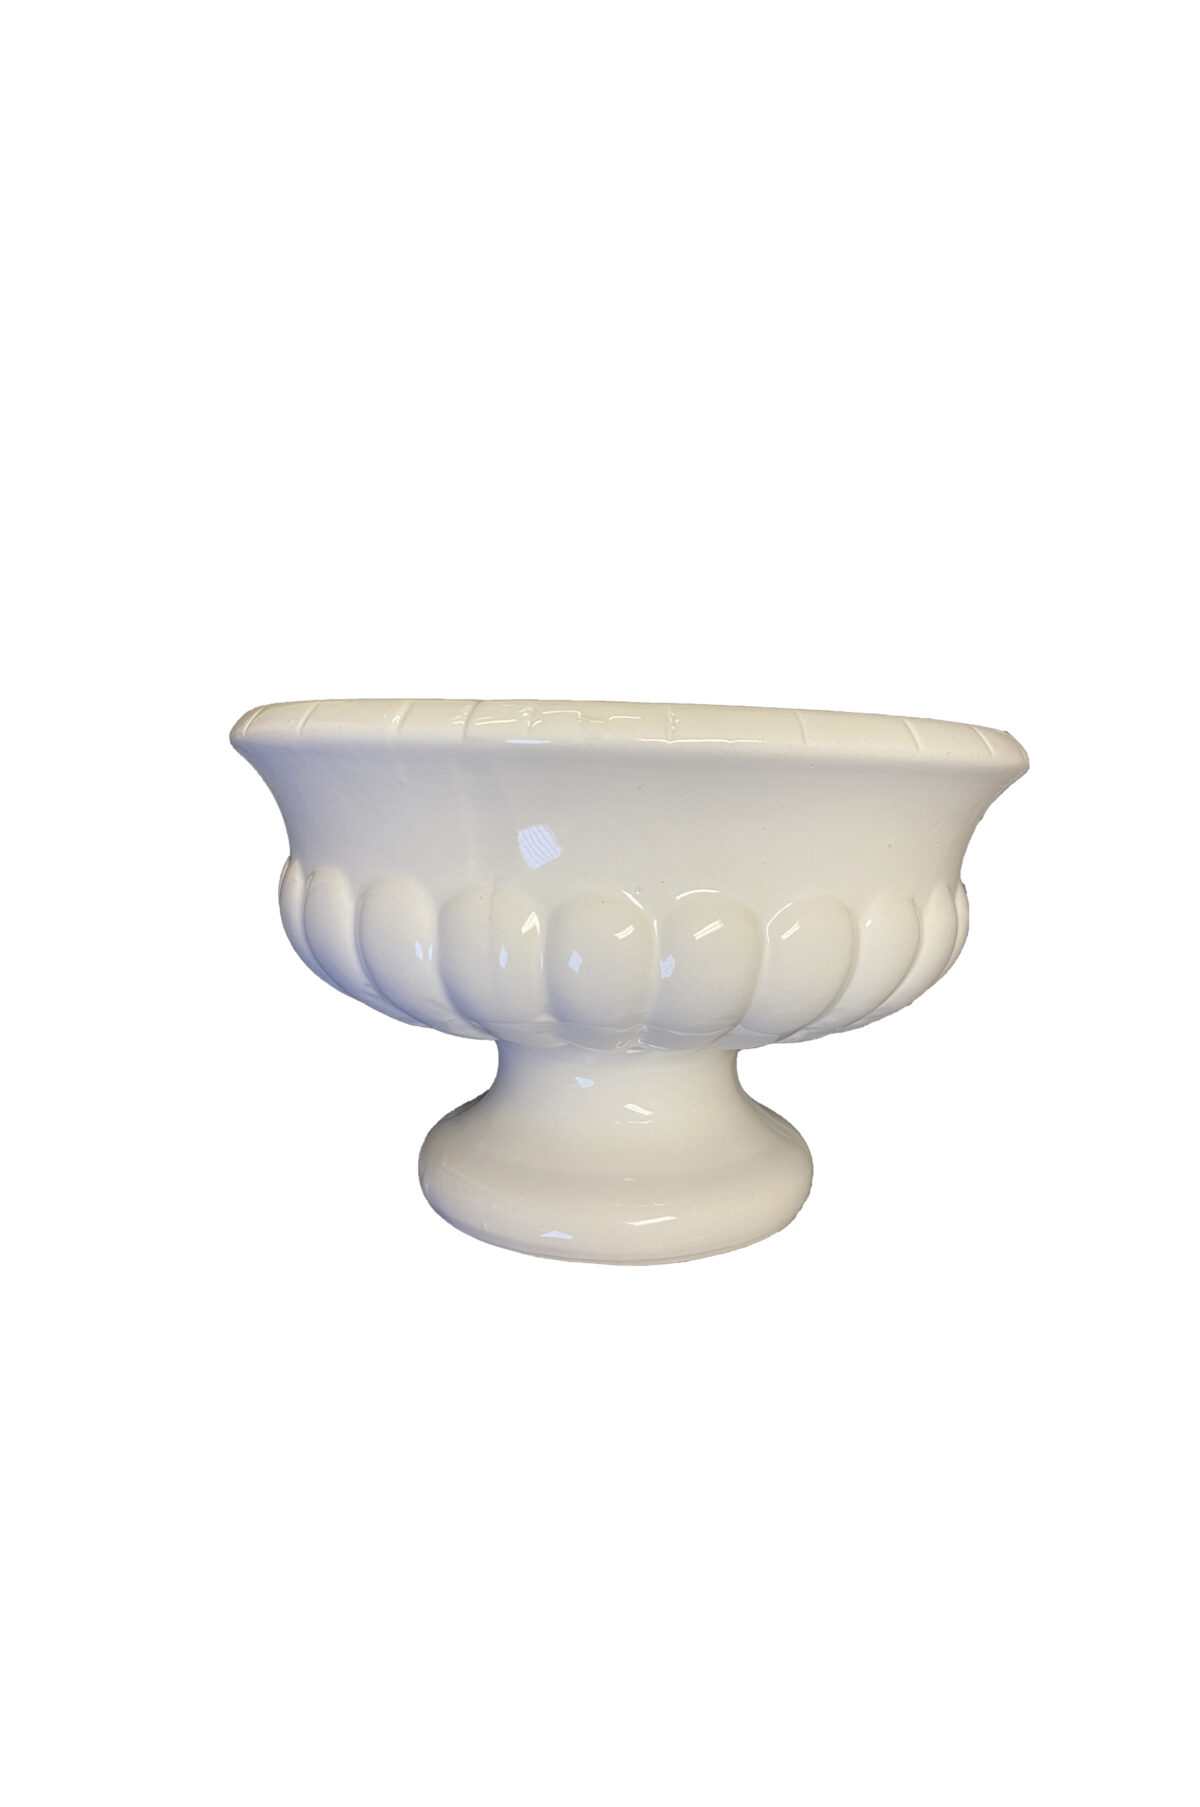 Vaso - coppa portafiori o portaconfetti bianco in ceramica d. 20 x h. 12 cm